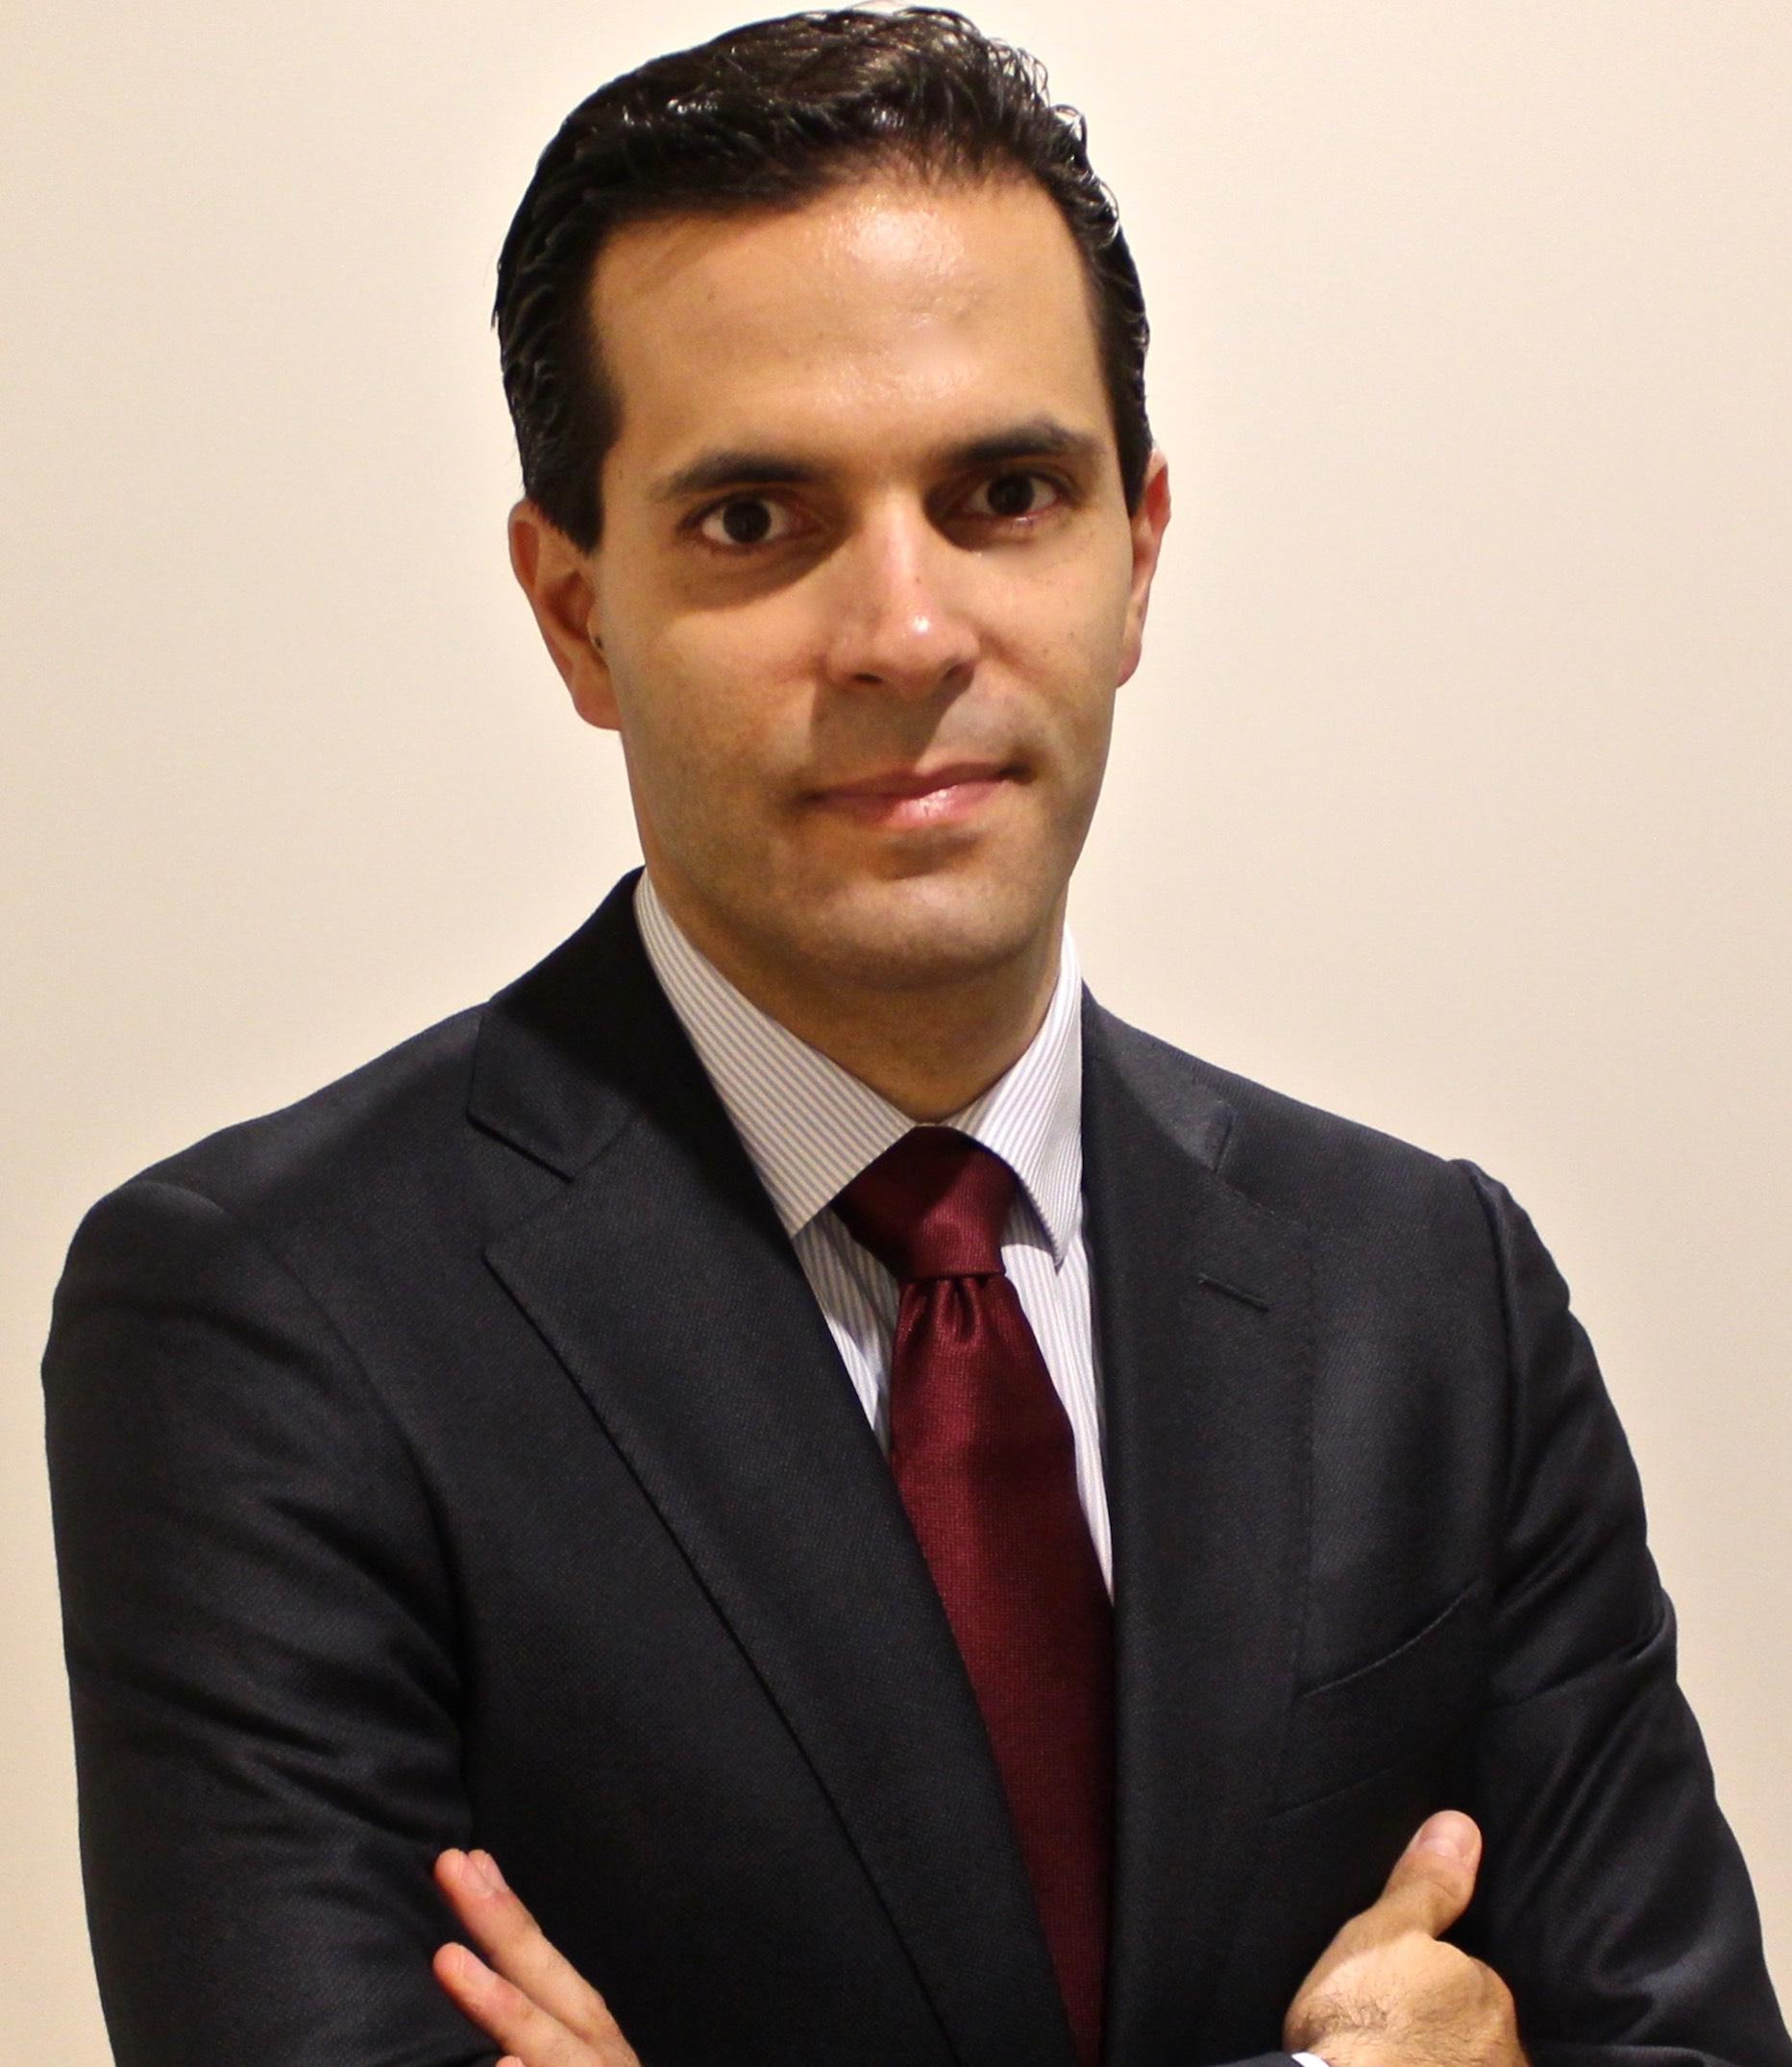 Lorenzo Casavecchia